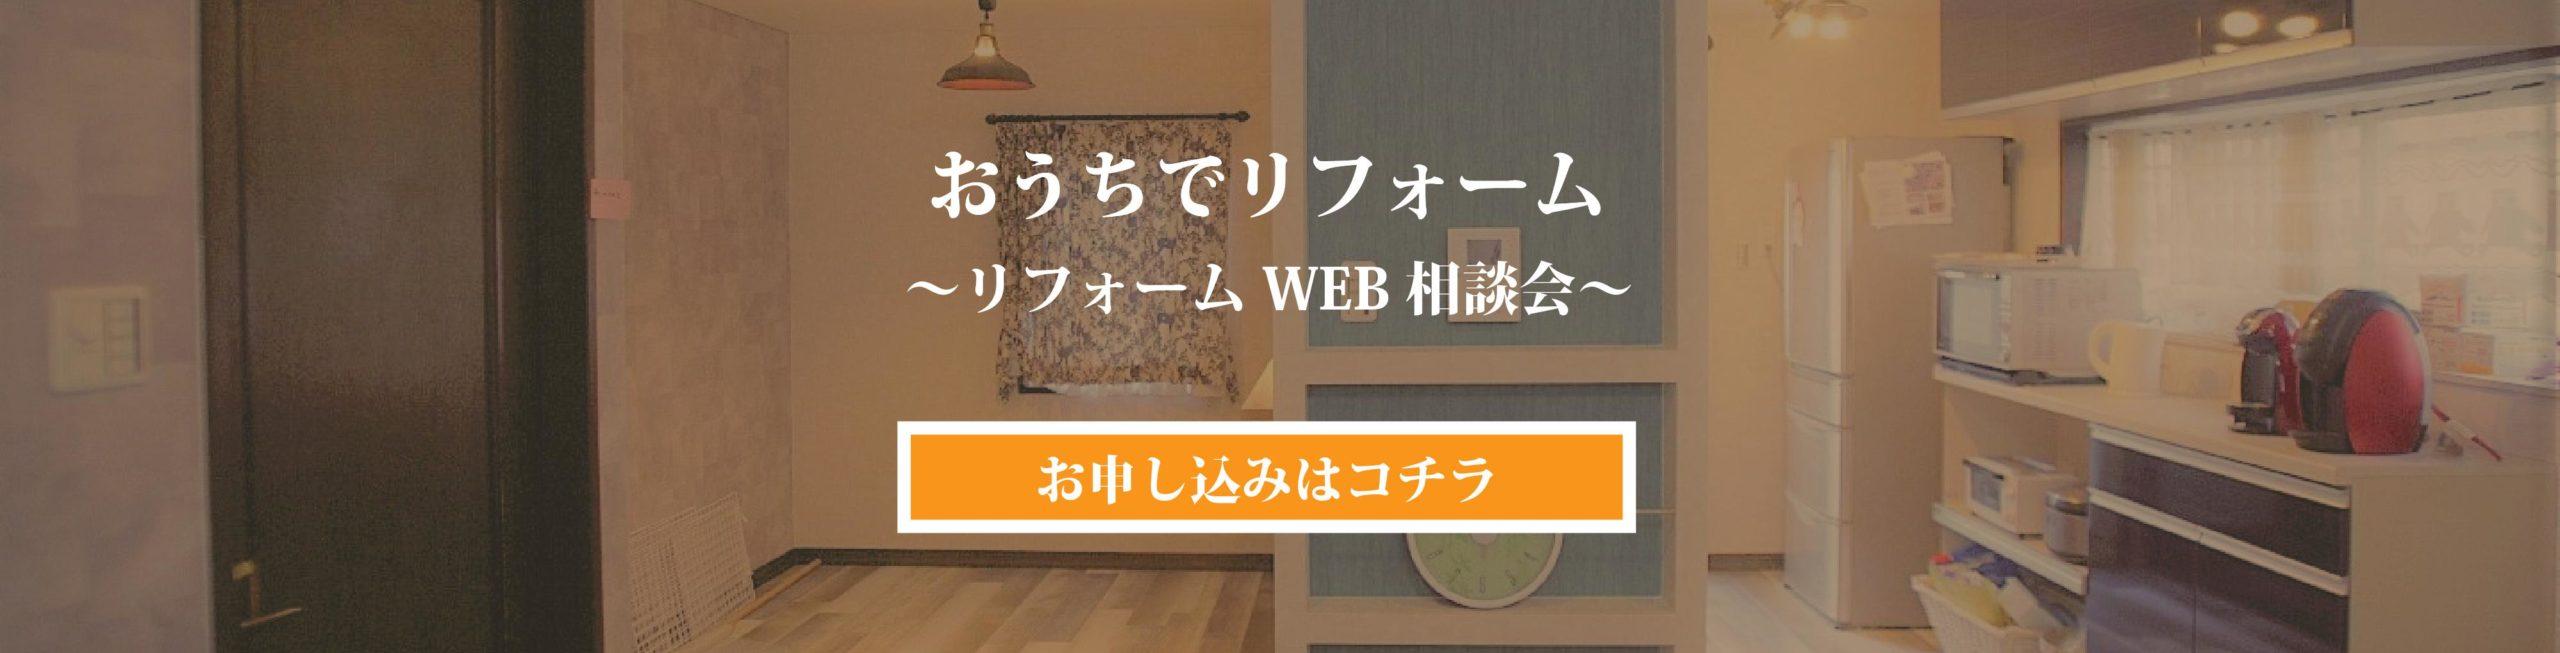 神戸市のリフォームWEB相談会